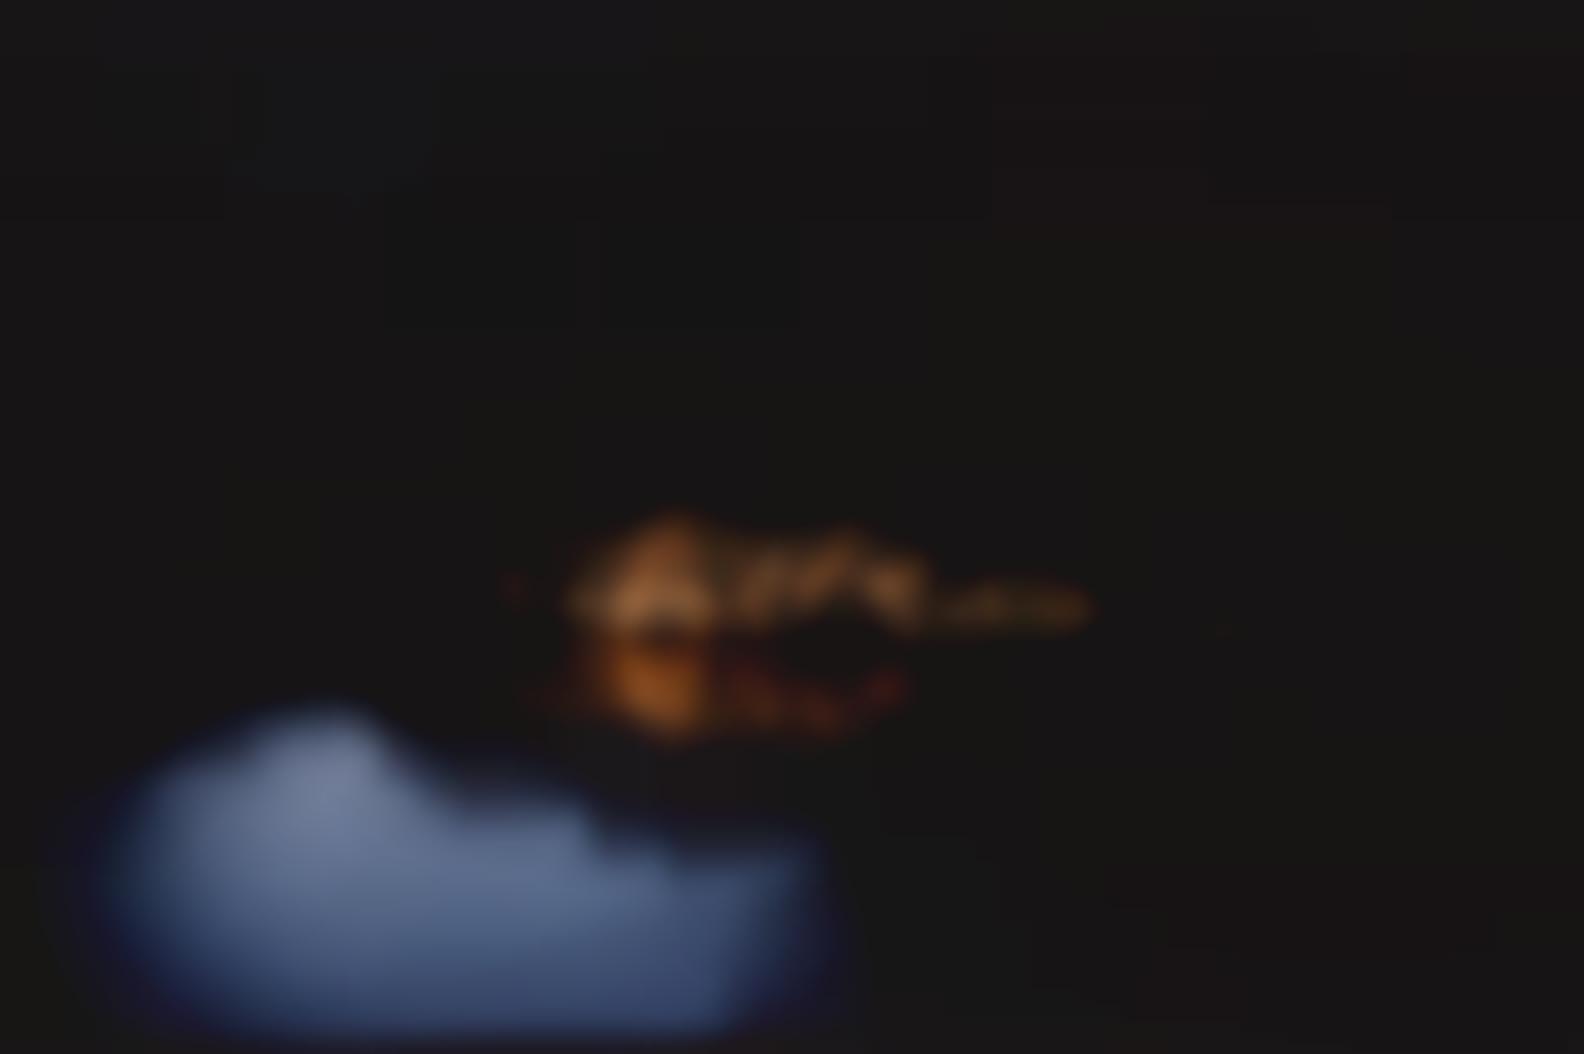 Bill Henson-Untitled, 2005-2006-